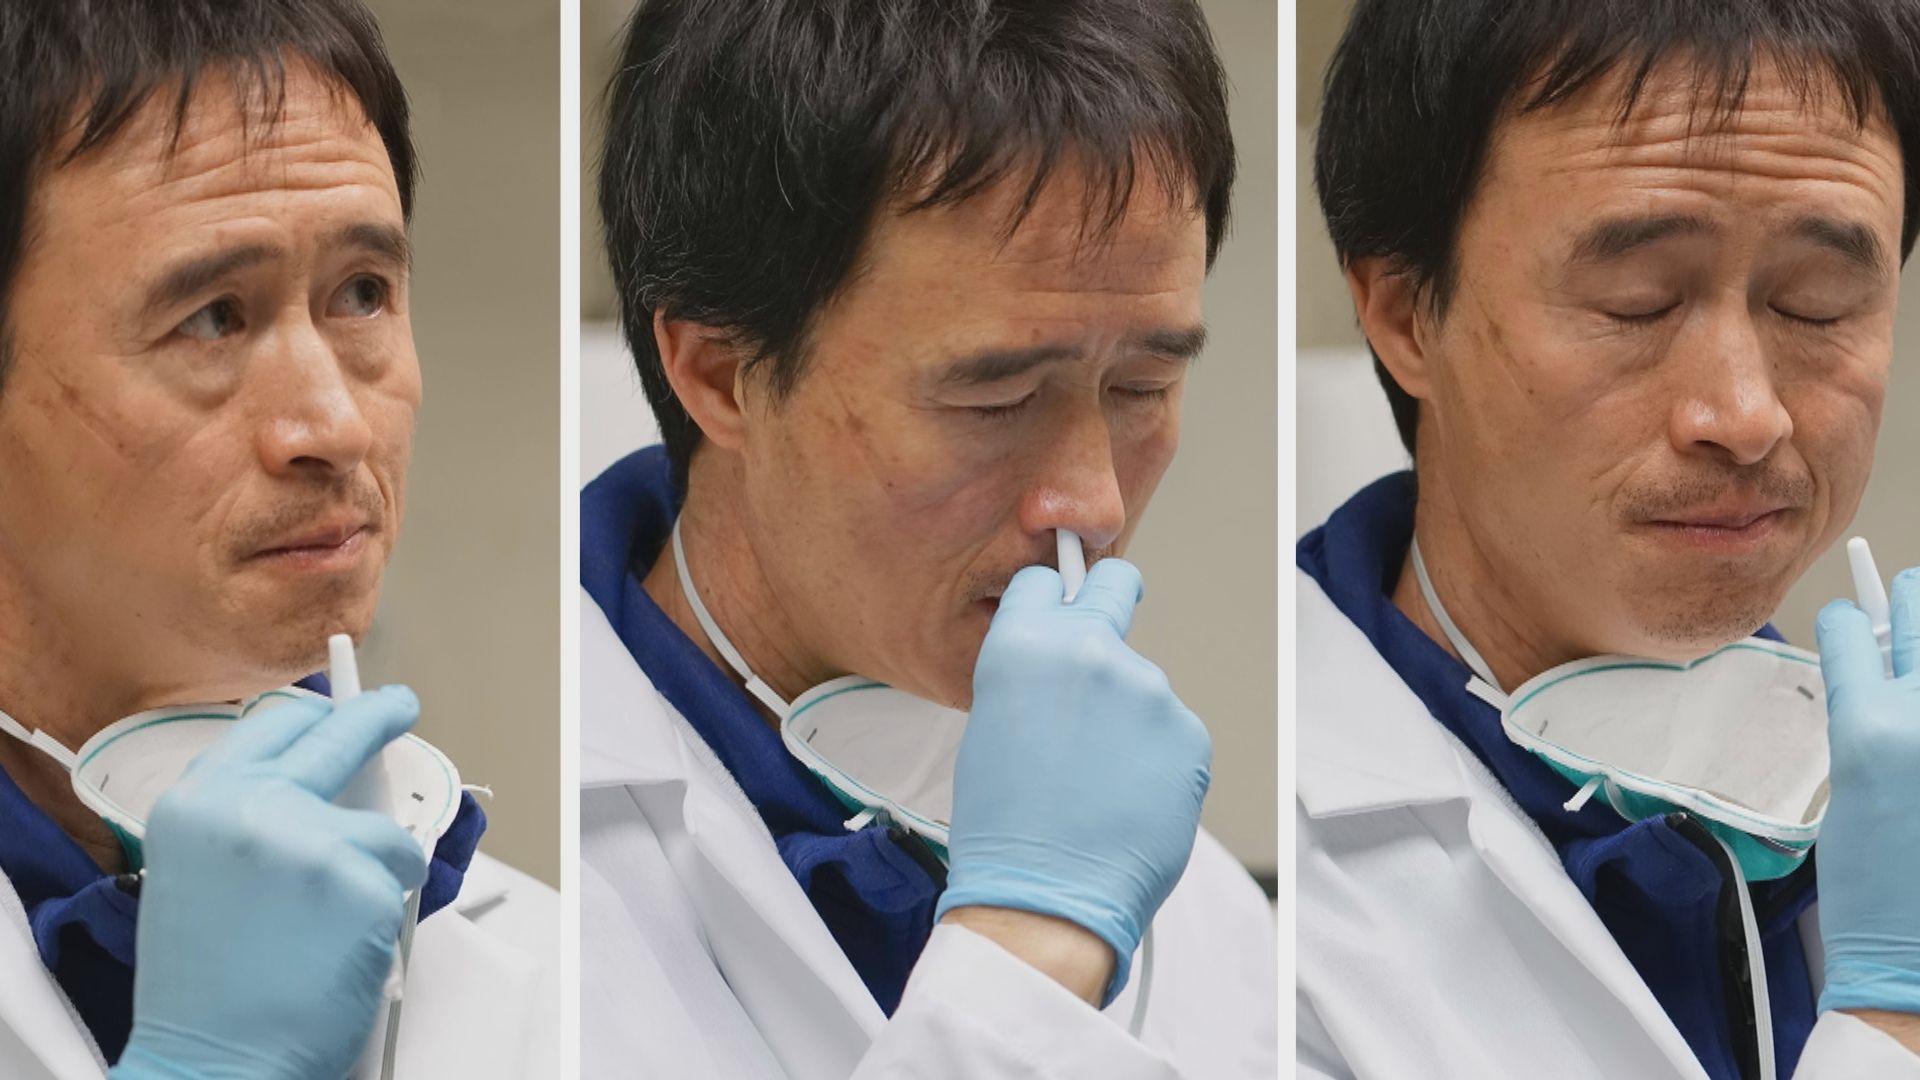 新冠病毒疫苗未正式面世 有科學家研發疫苗並自行接種